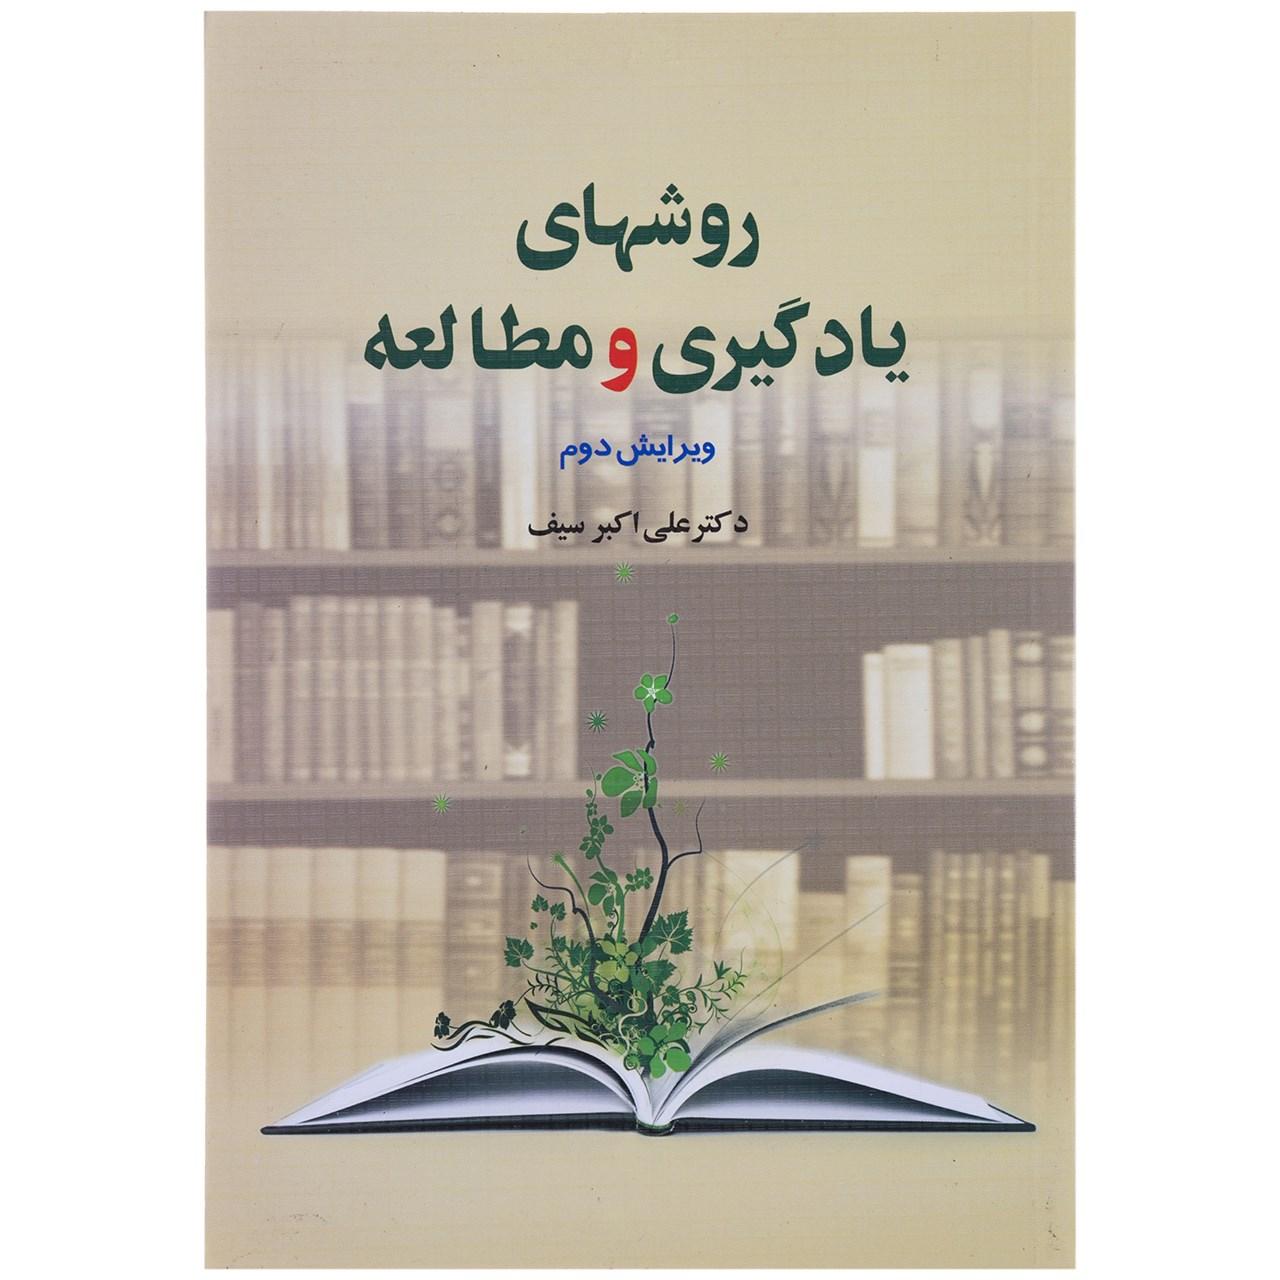 کتاب روشهای یادگیری و مطالعه اثر علی اکبر سیف